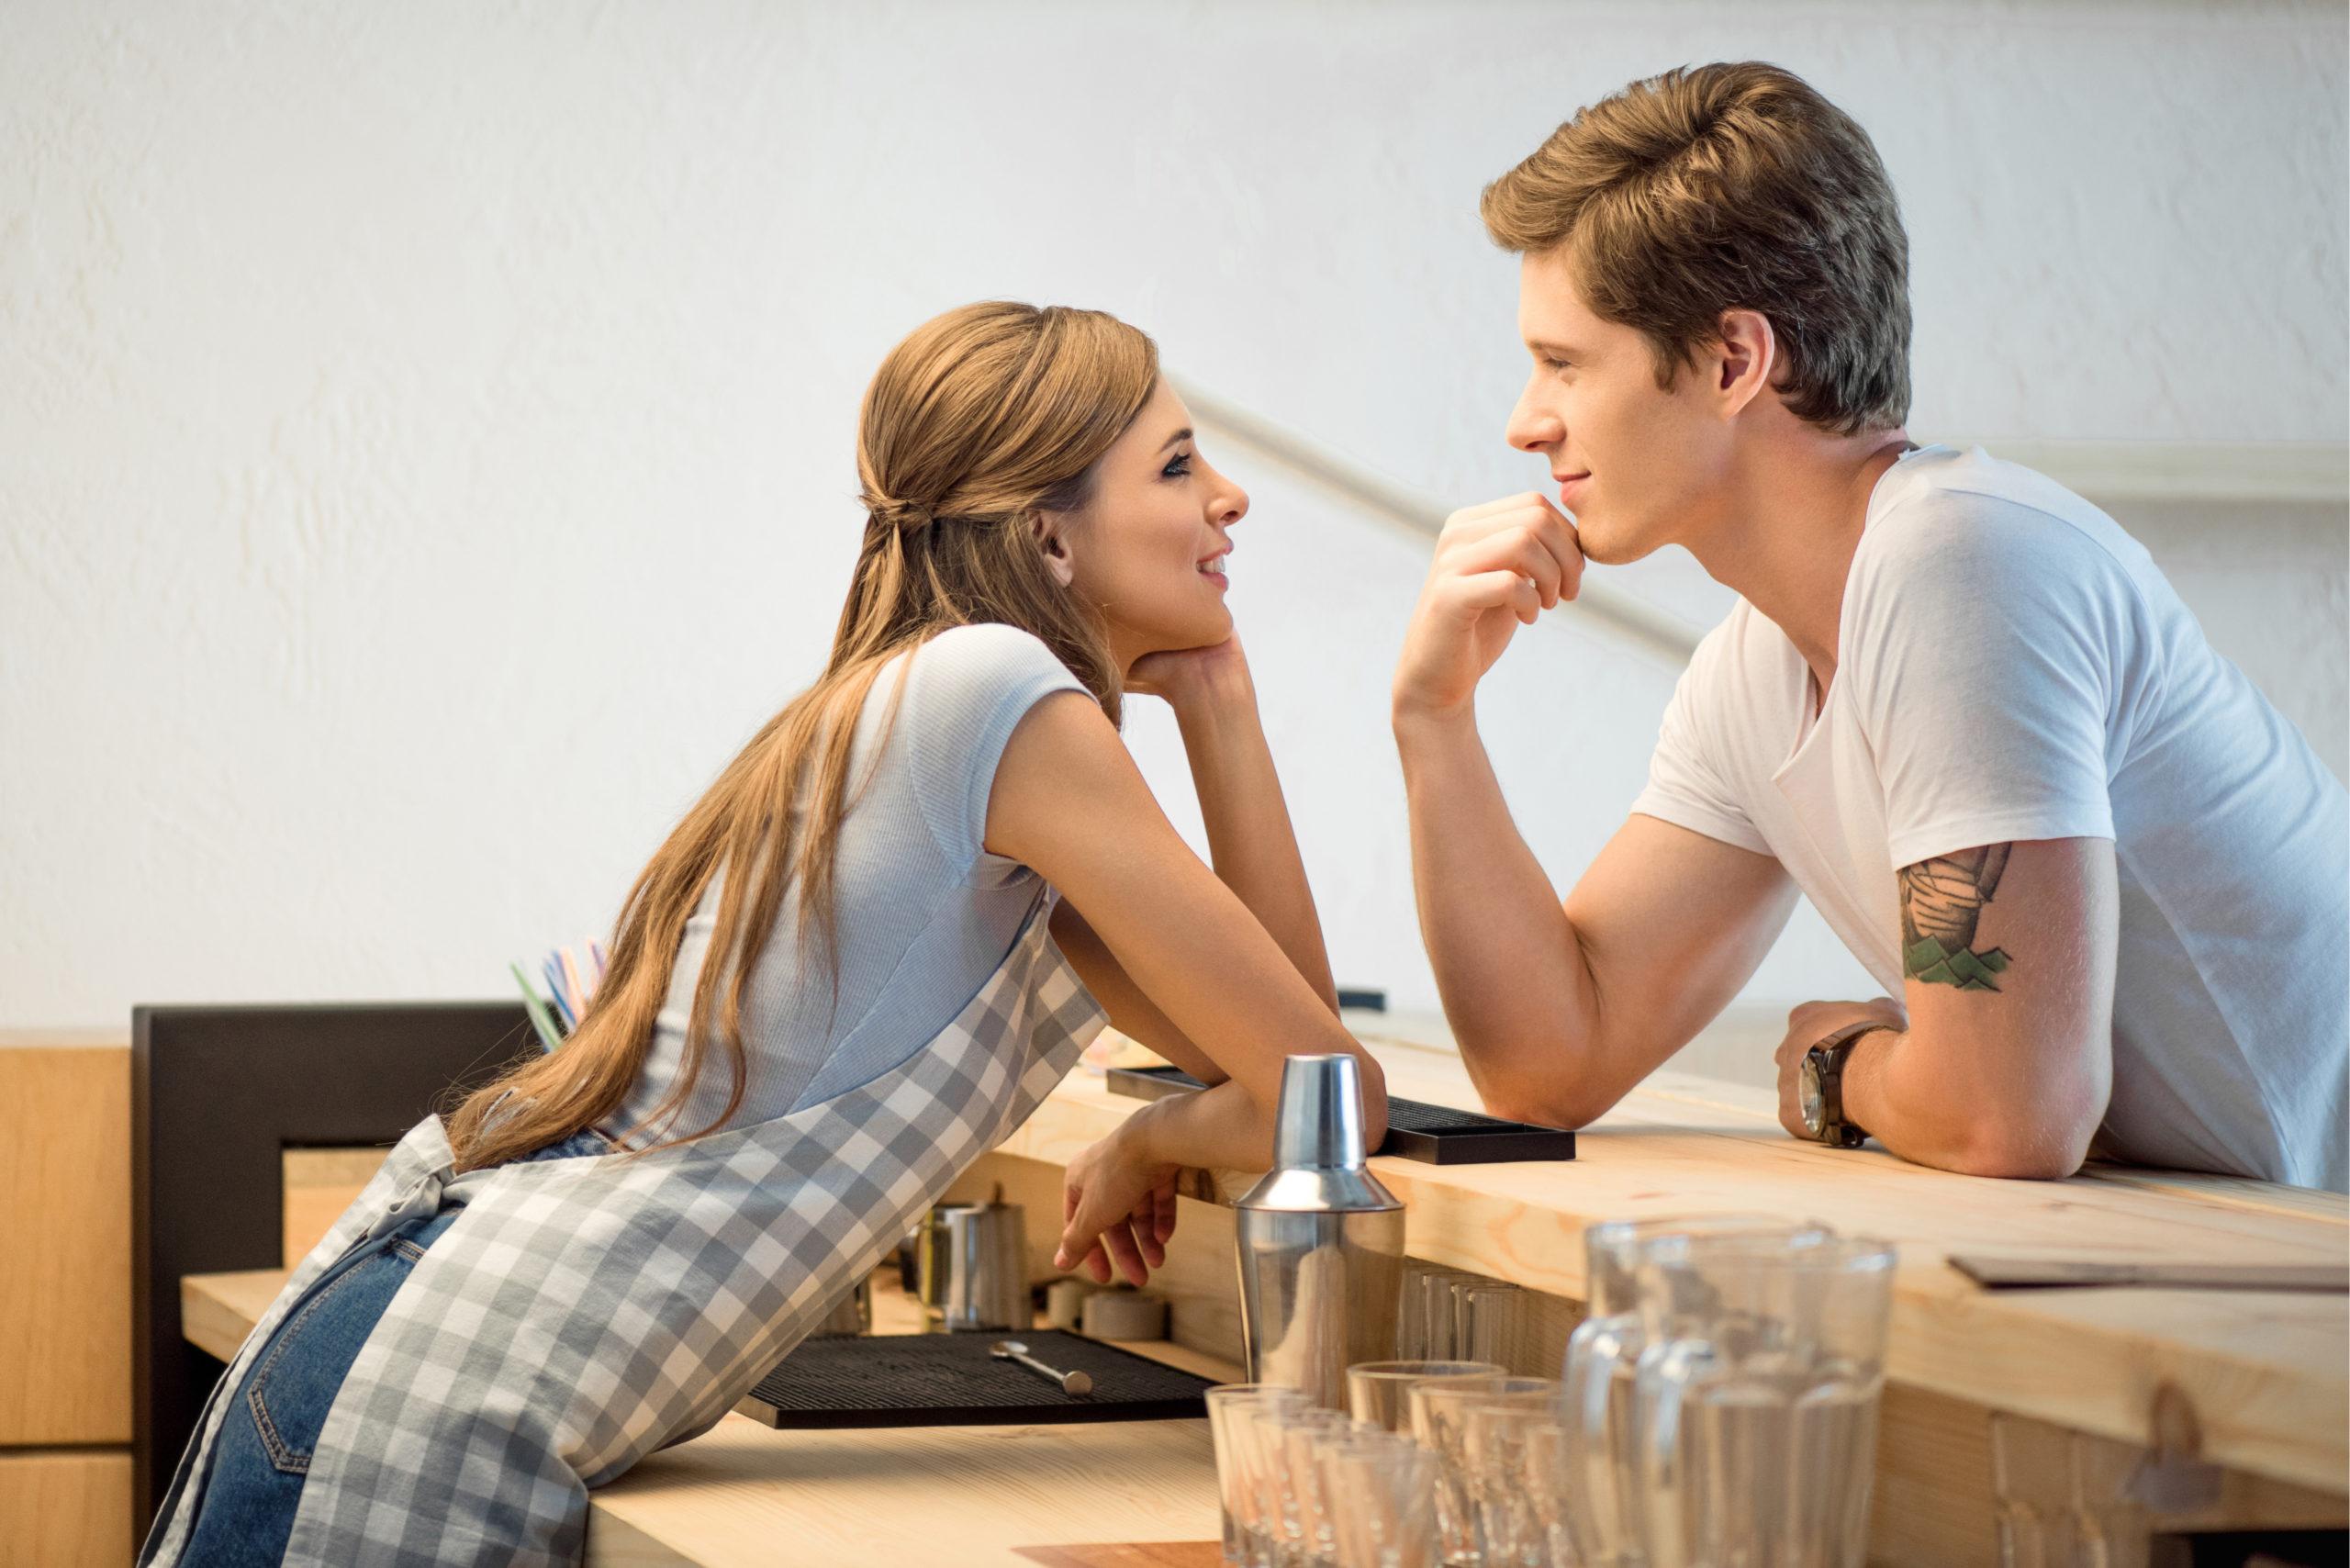 Как правильно флиртовать с девушкой, чтобы ей это понравилось